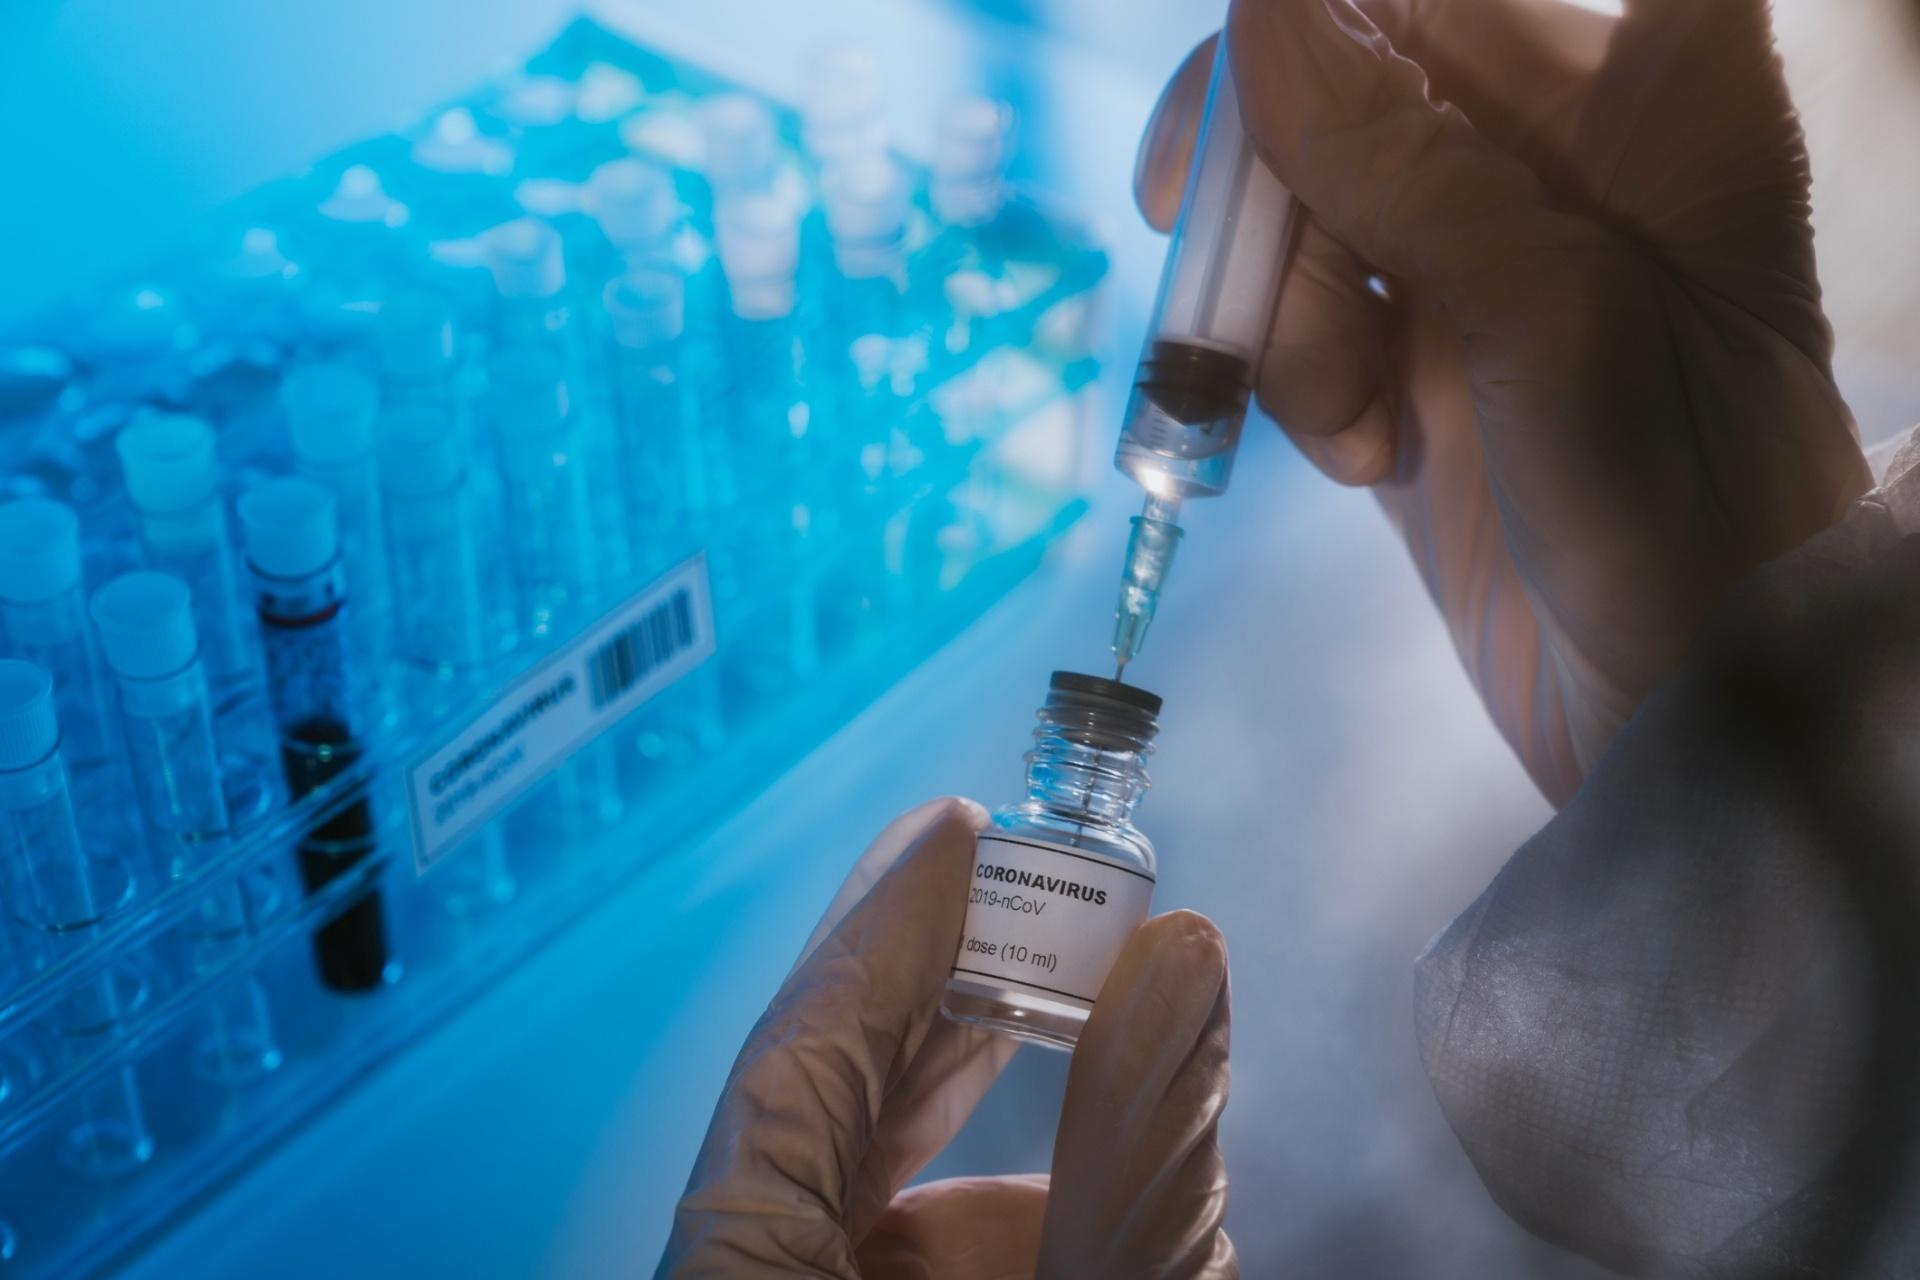 Vacina contra Covid-19 não tem microchip 5G